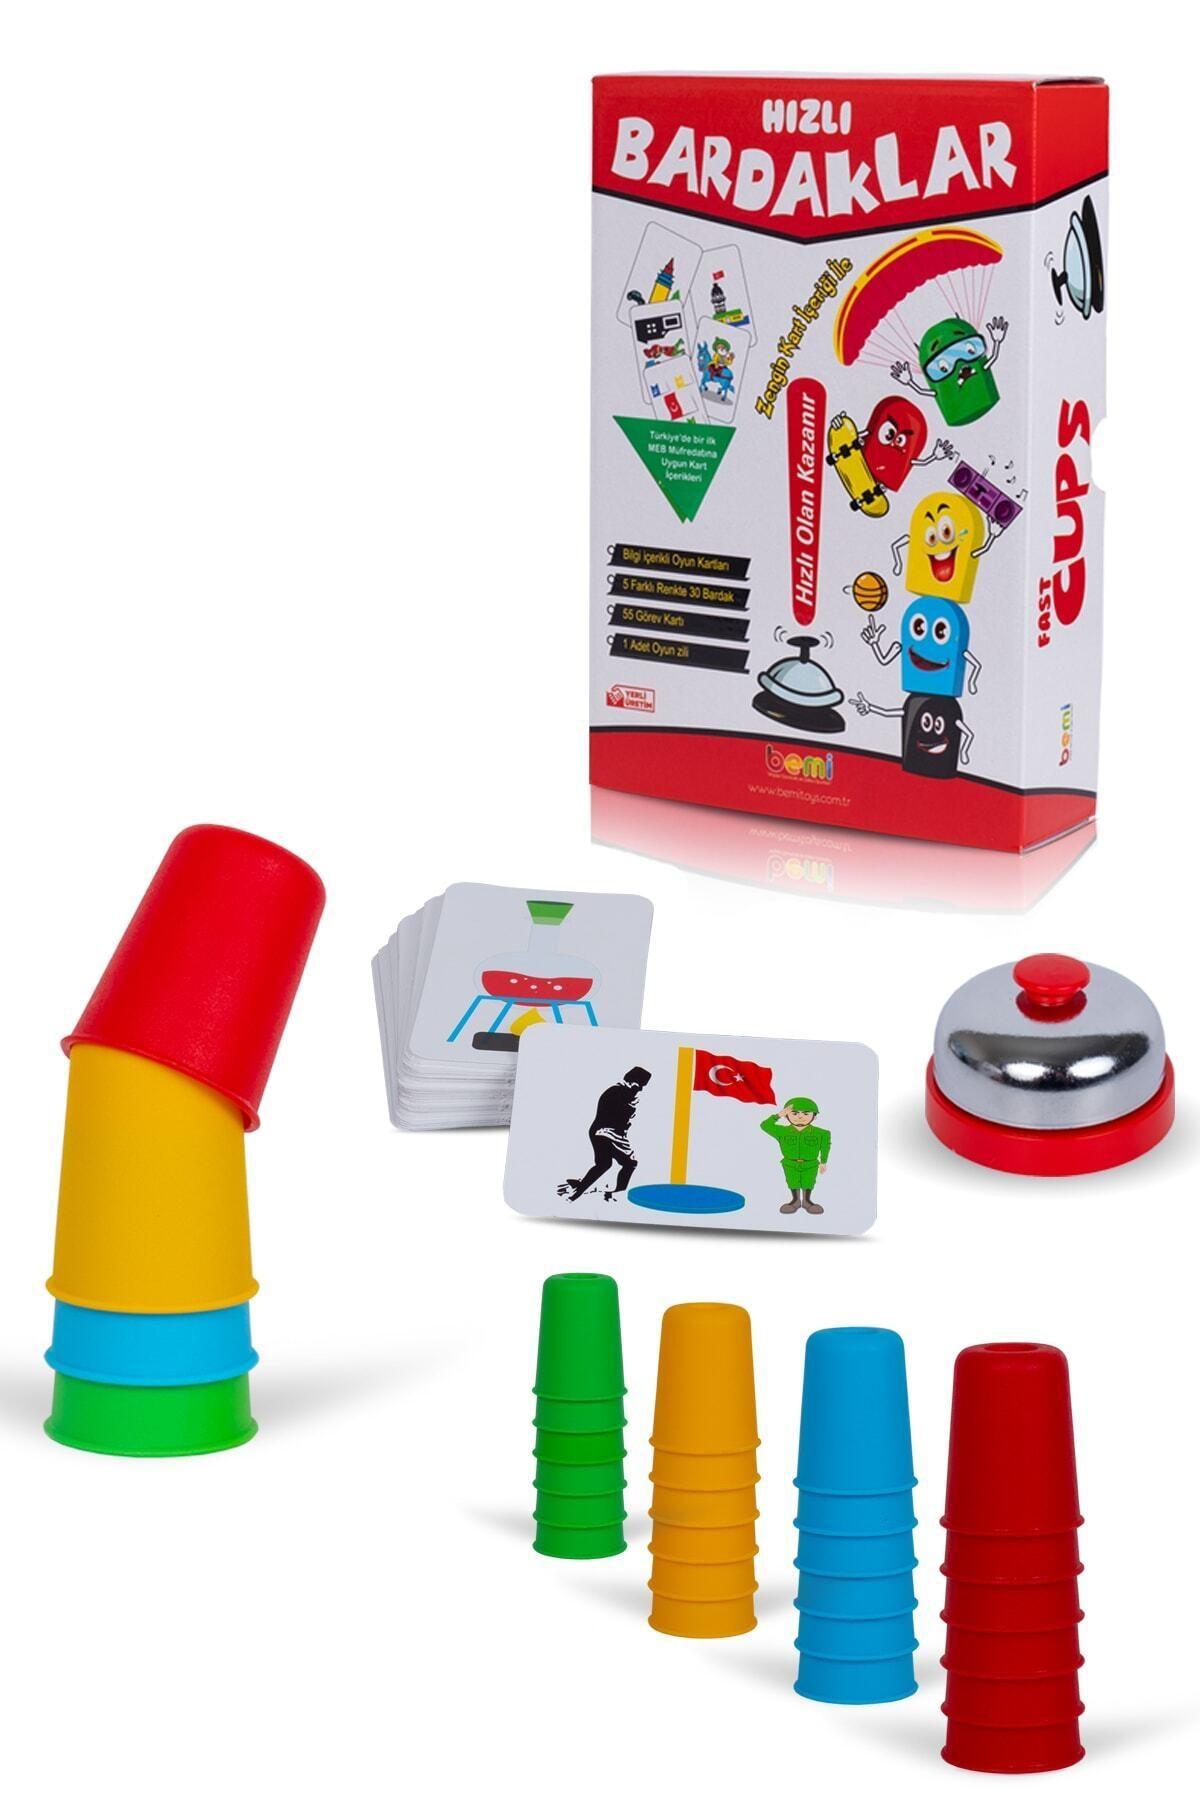 BEMİ Süper Hızlı Pratik Bardaklar Akıl Hafıza Mantık Eğitici Zeka Strateji Çocuk Ve Aile Kutu Oyunu 1